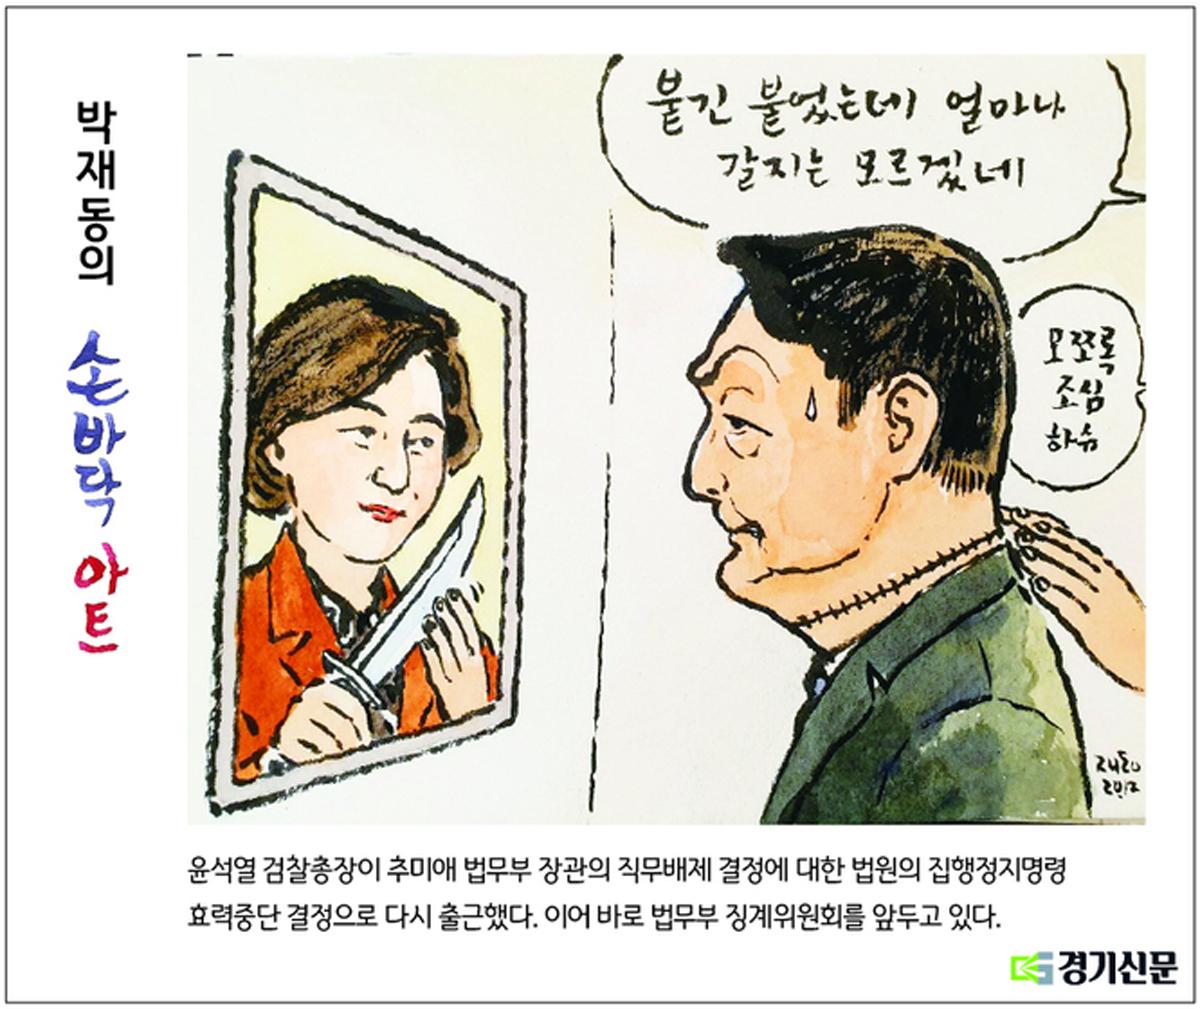 2일 경기신문 홈페이지에 올라온 '박재동의 손바닥 아트'. 홈페이지 캡처